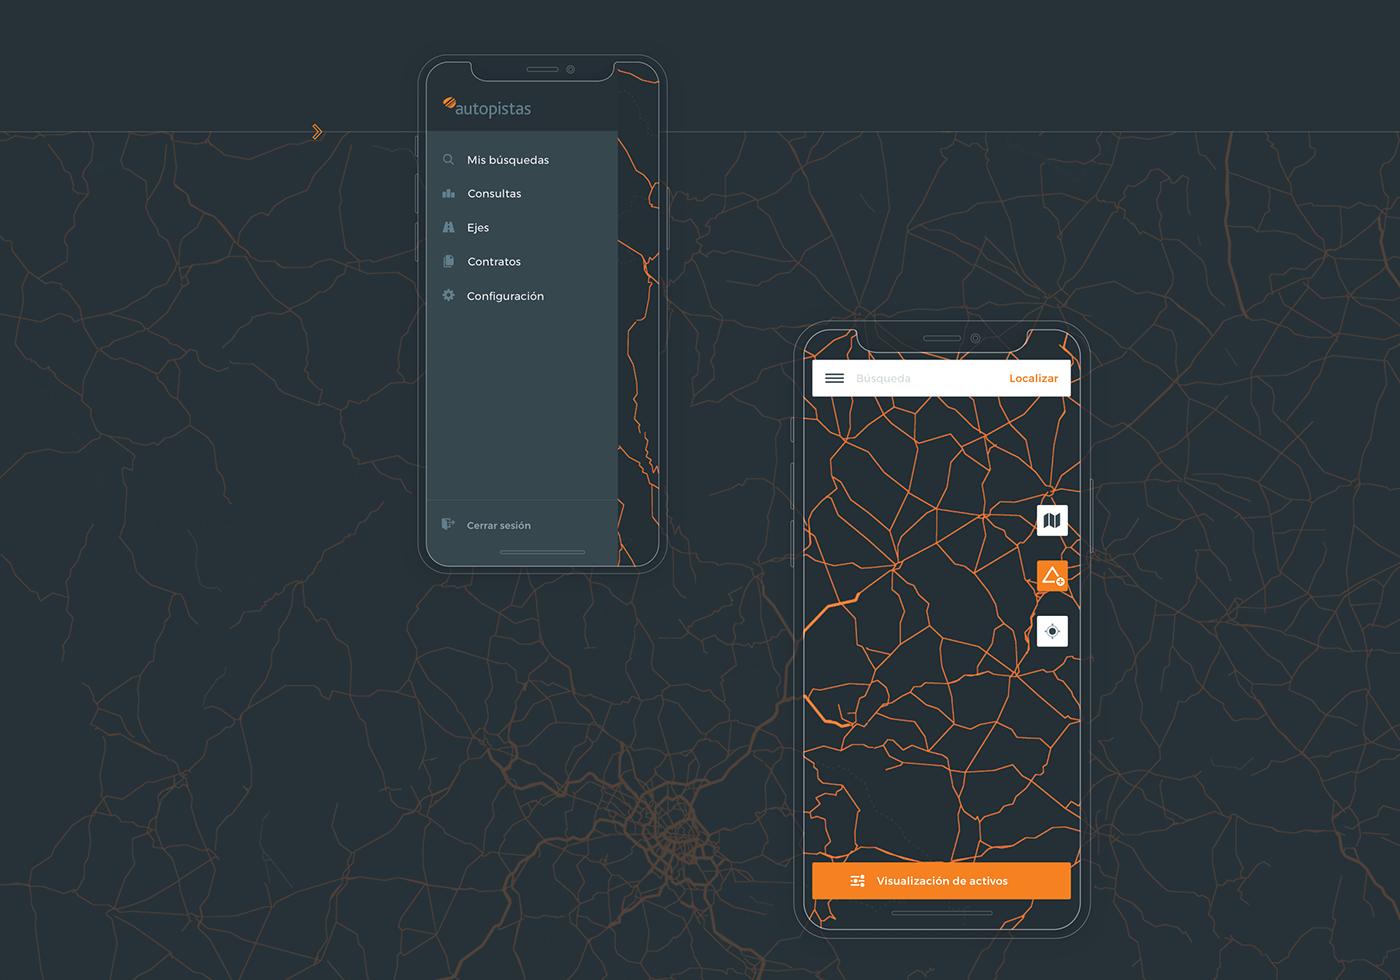 Image may contain: screenshot and map